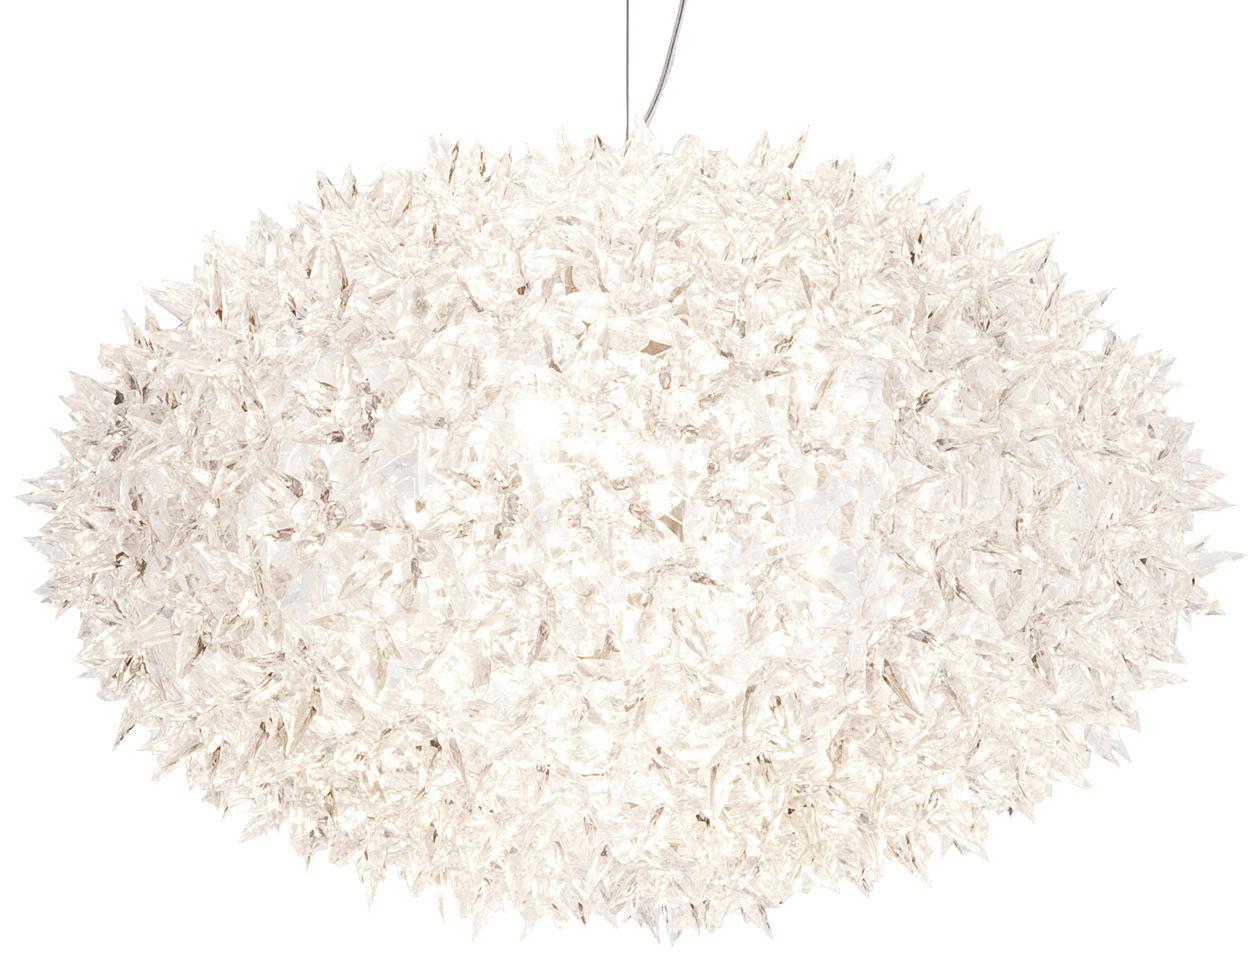 Leuchten - Pendelleuchten - Big Bloom Pendelleuchte /Extra-breit - Ellipsenförmig - Ø 80 cm x H 51,5 cm - Kartell - Kristall transparent - Polykarbonat